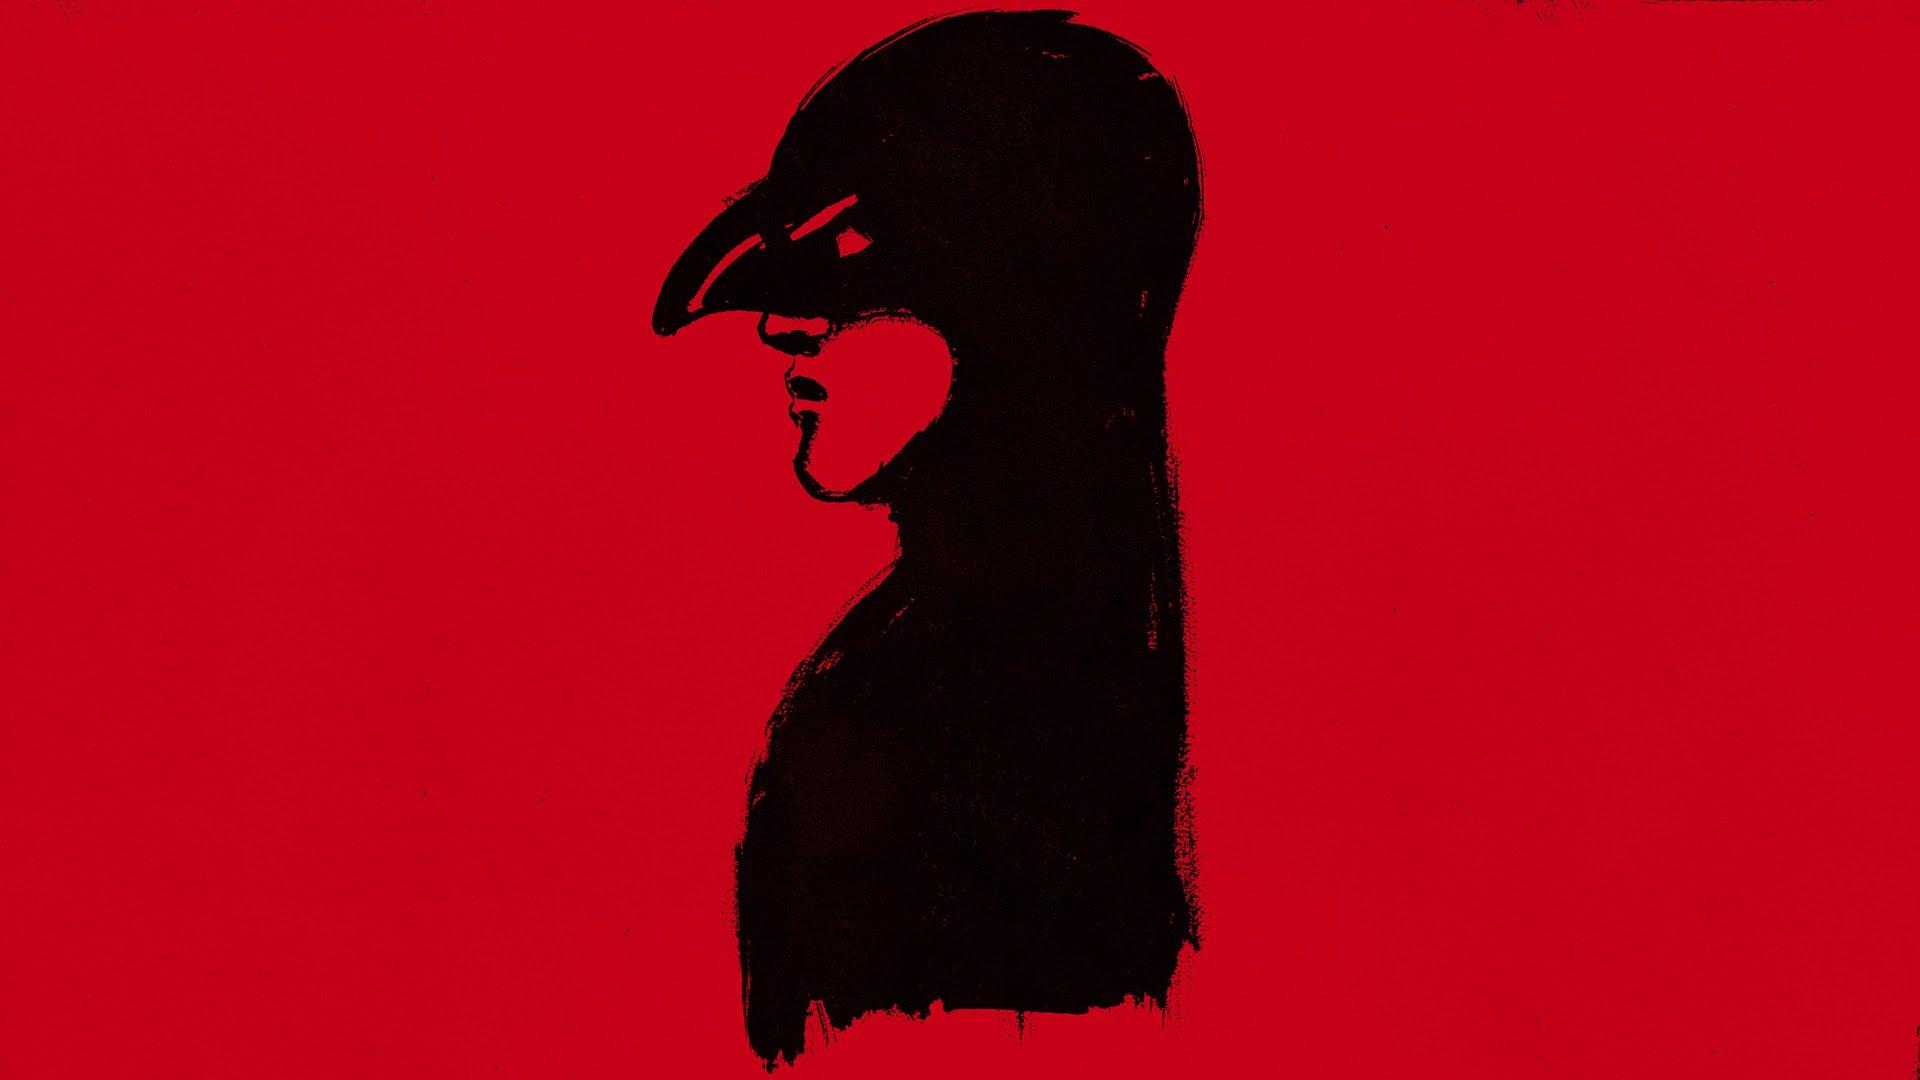 فیلم Birdman , مرد پرنده ای ساخته آلخاندرو ایناریتو